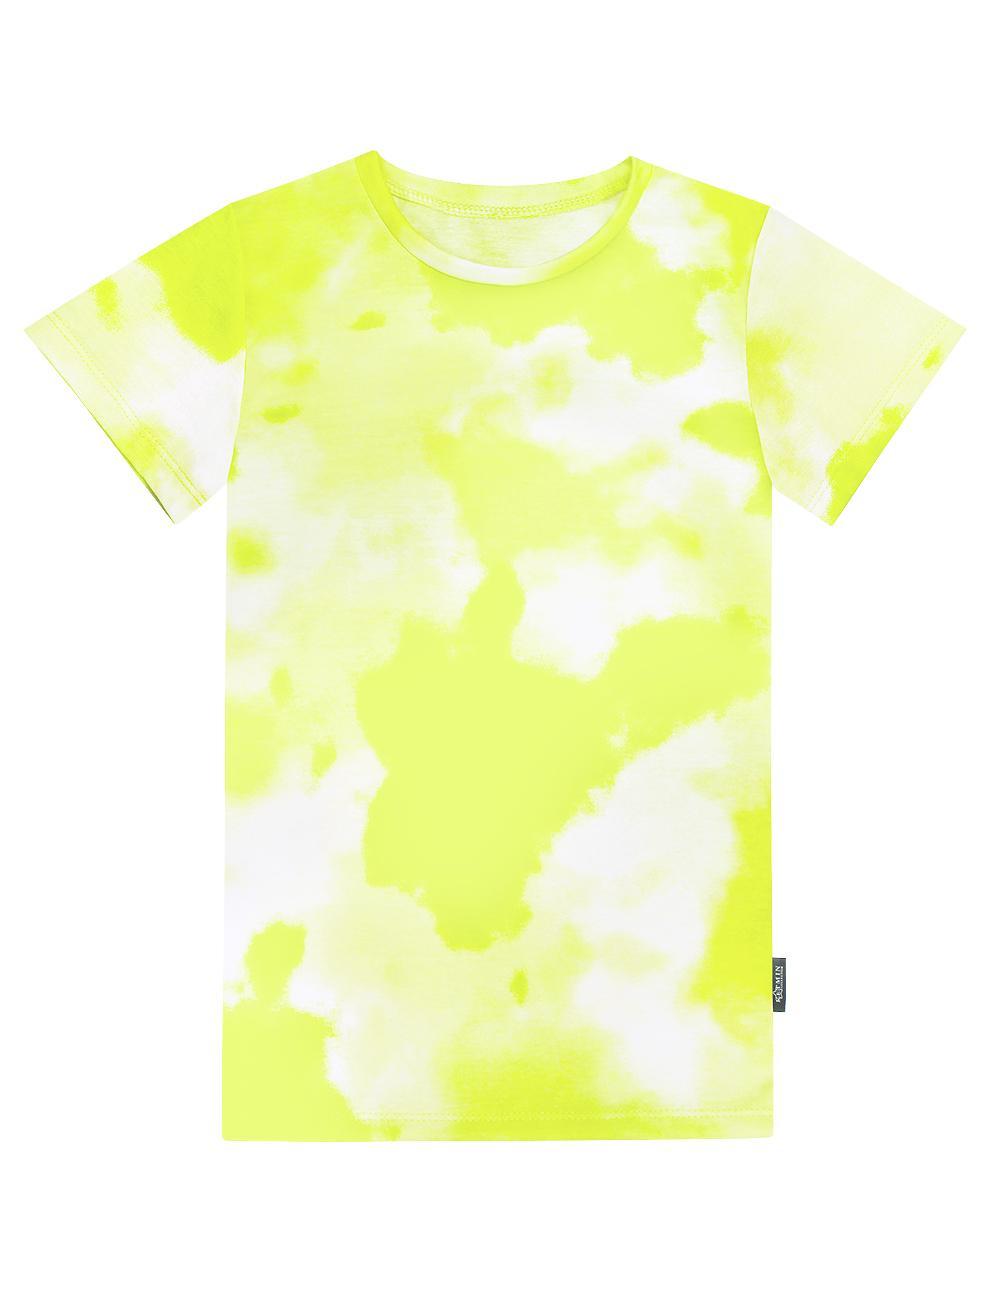 Детская футболка КЕТМИН цв.Тай Дай Желтый